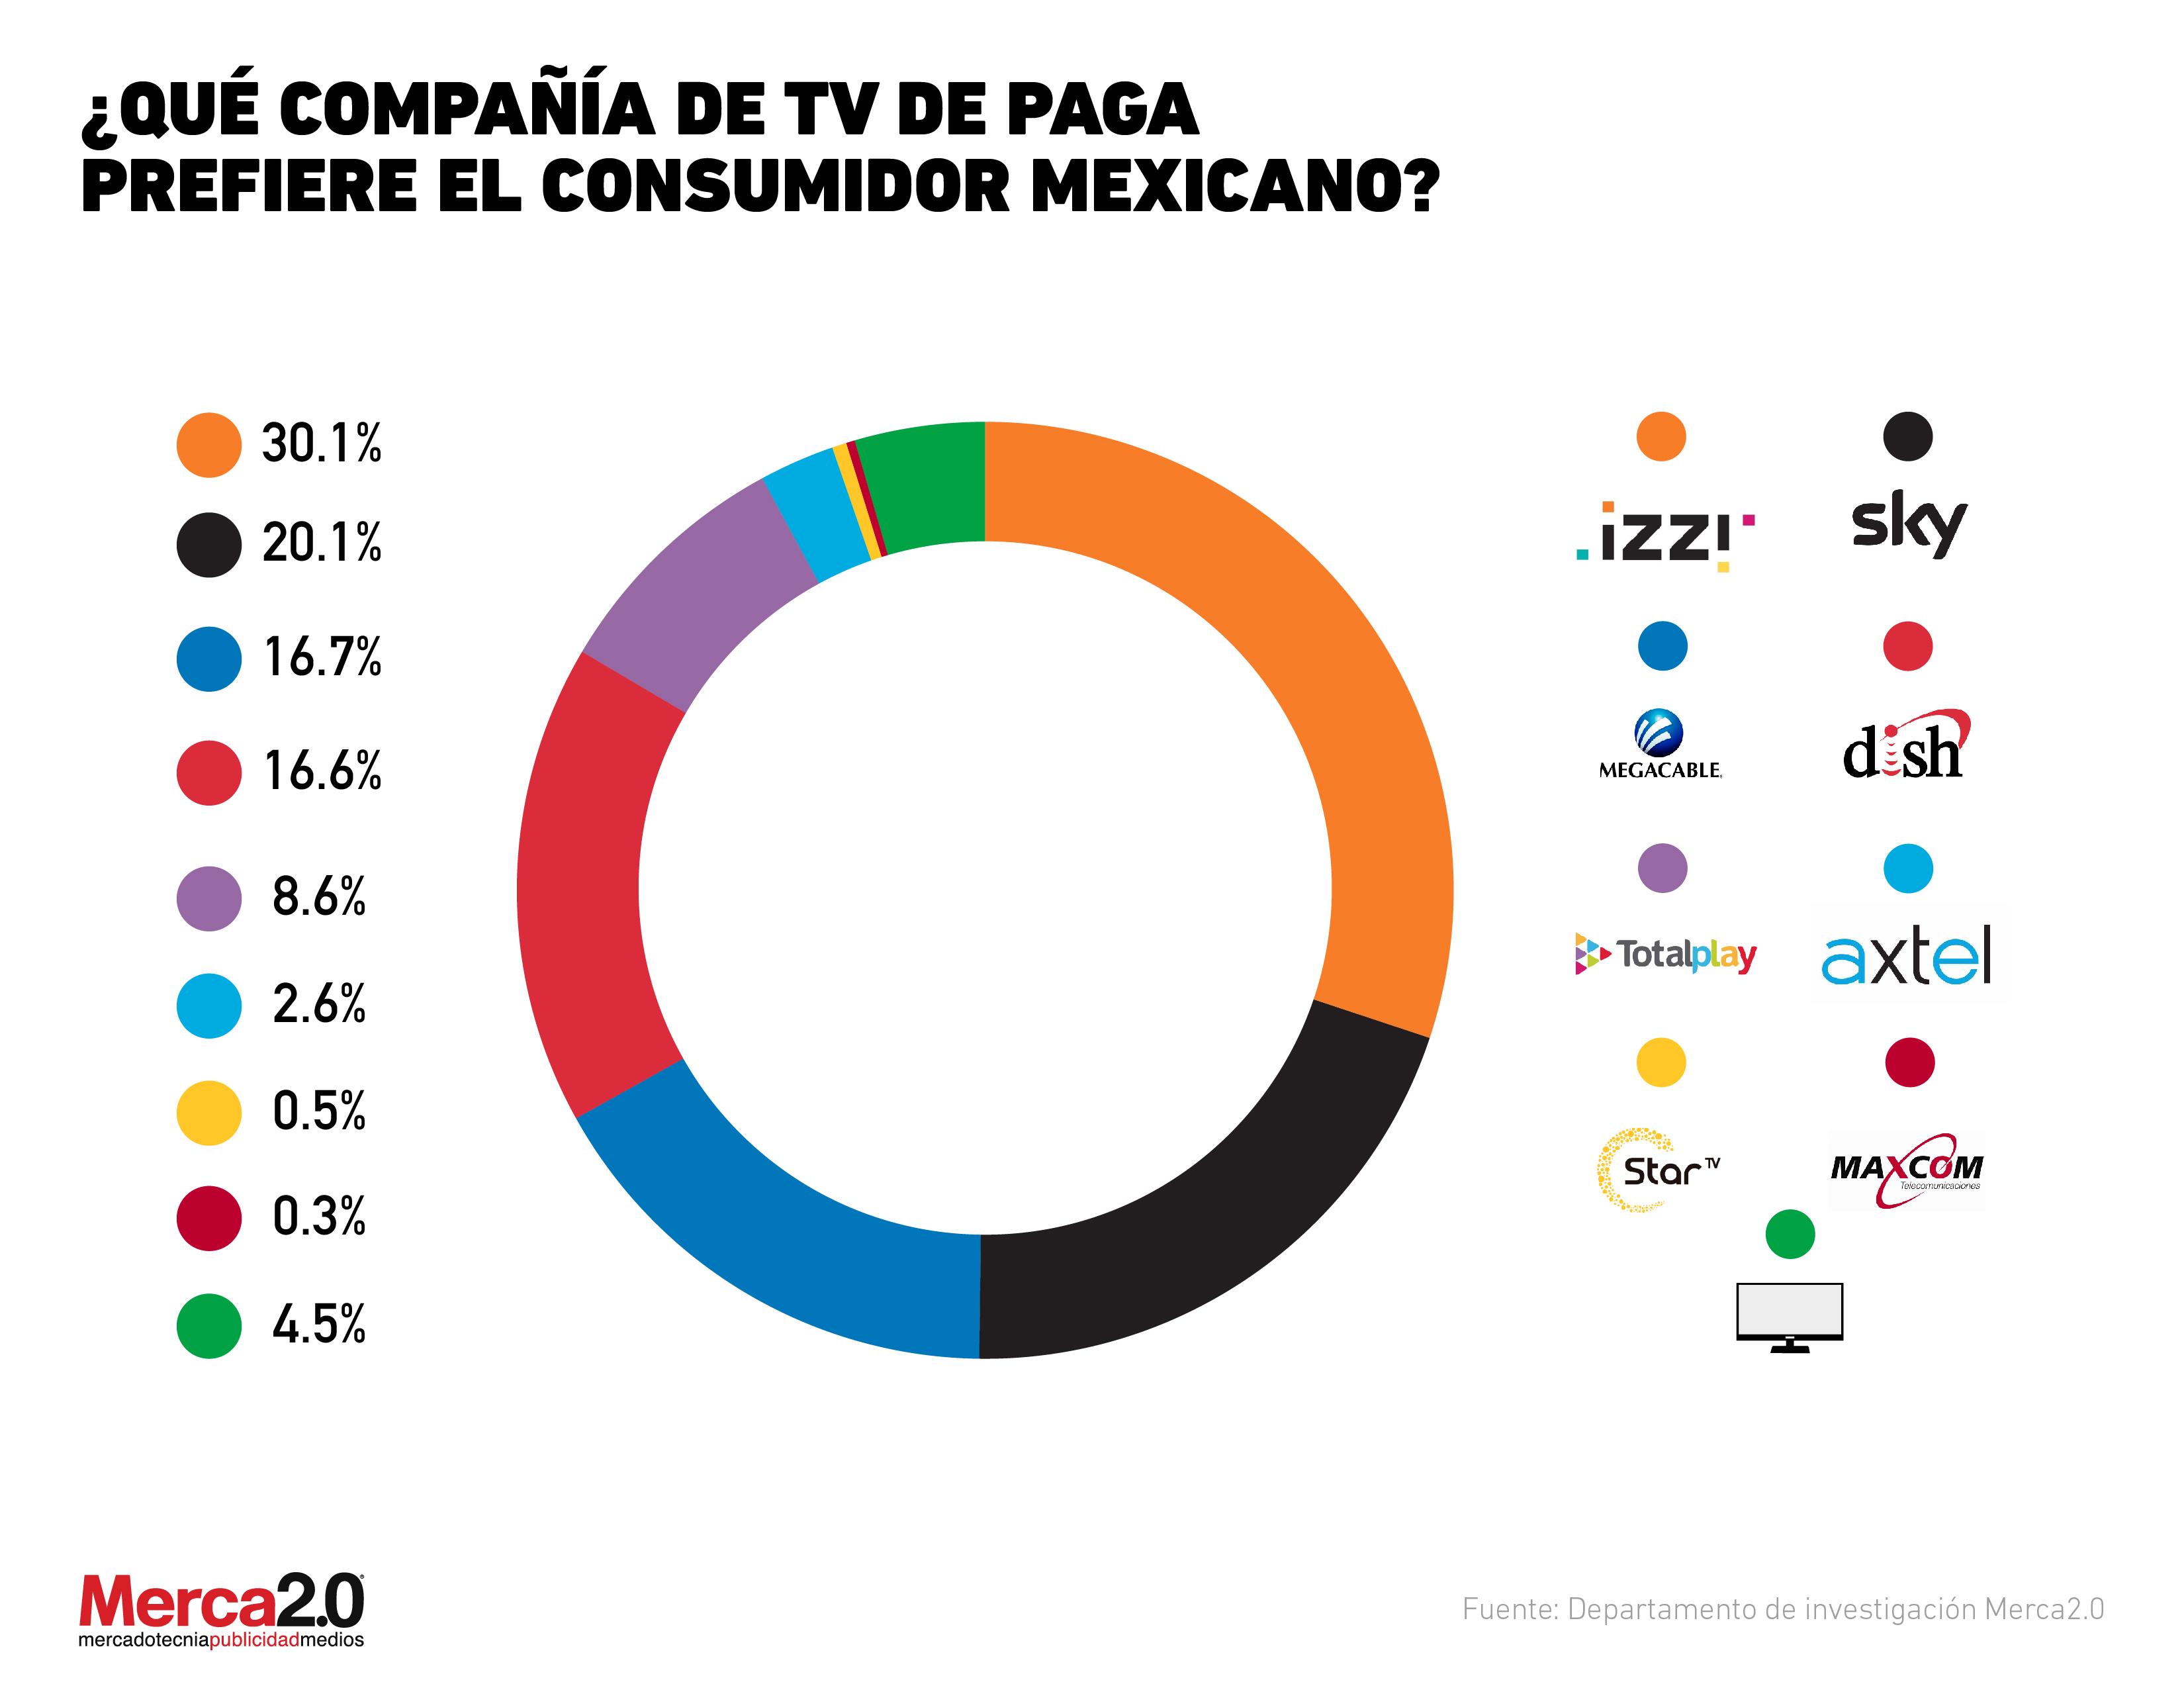 ¿Cuál es el servicio de TV de paga preferido del consumidor mexicano?